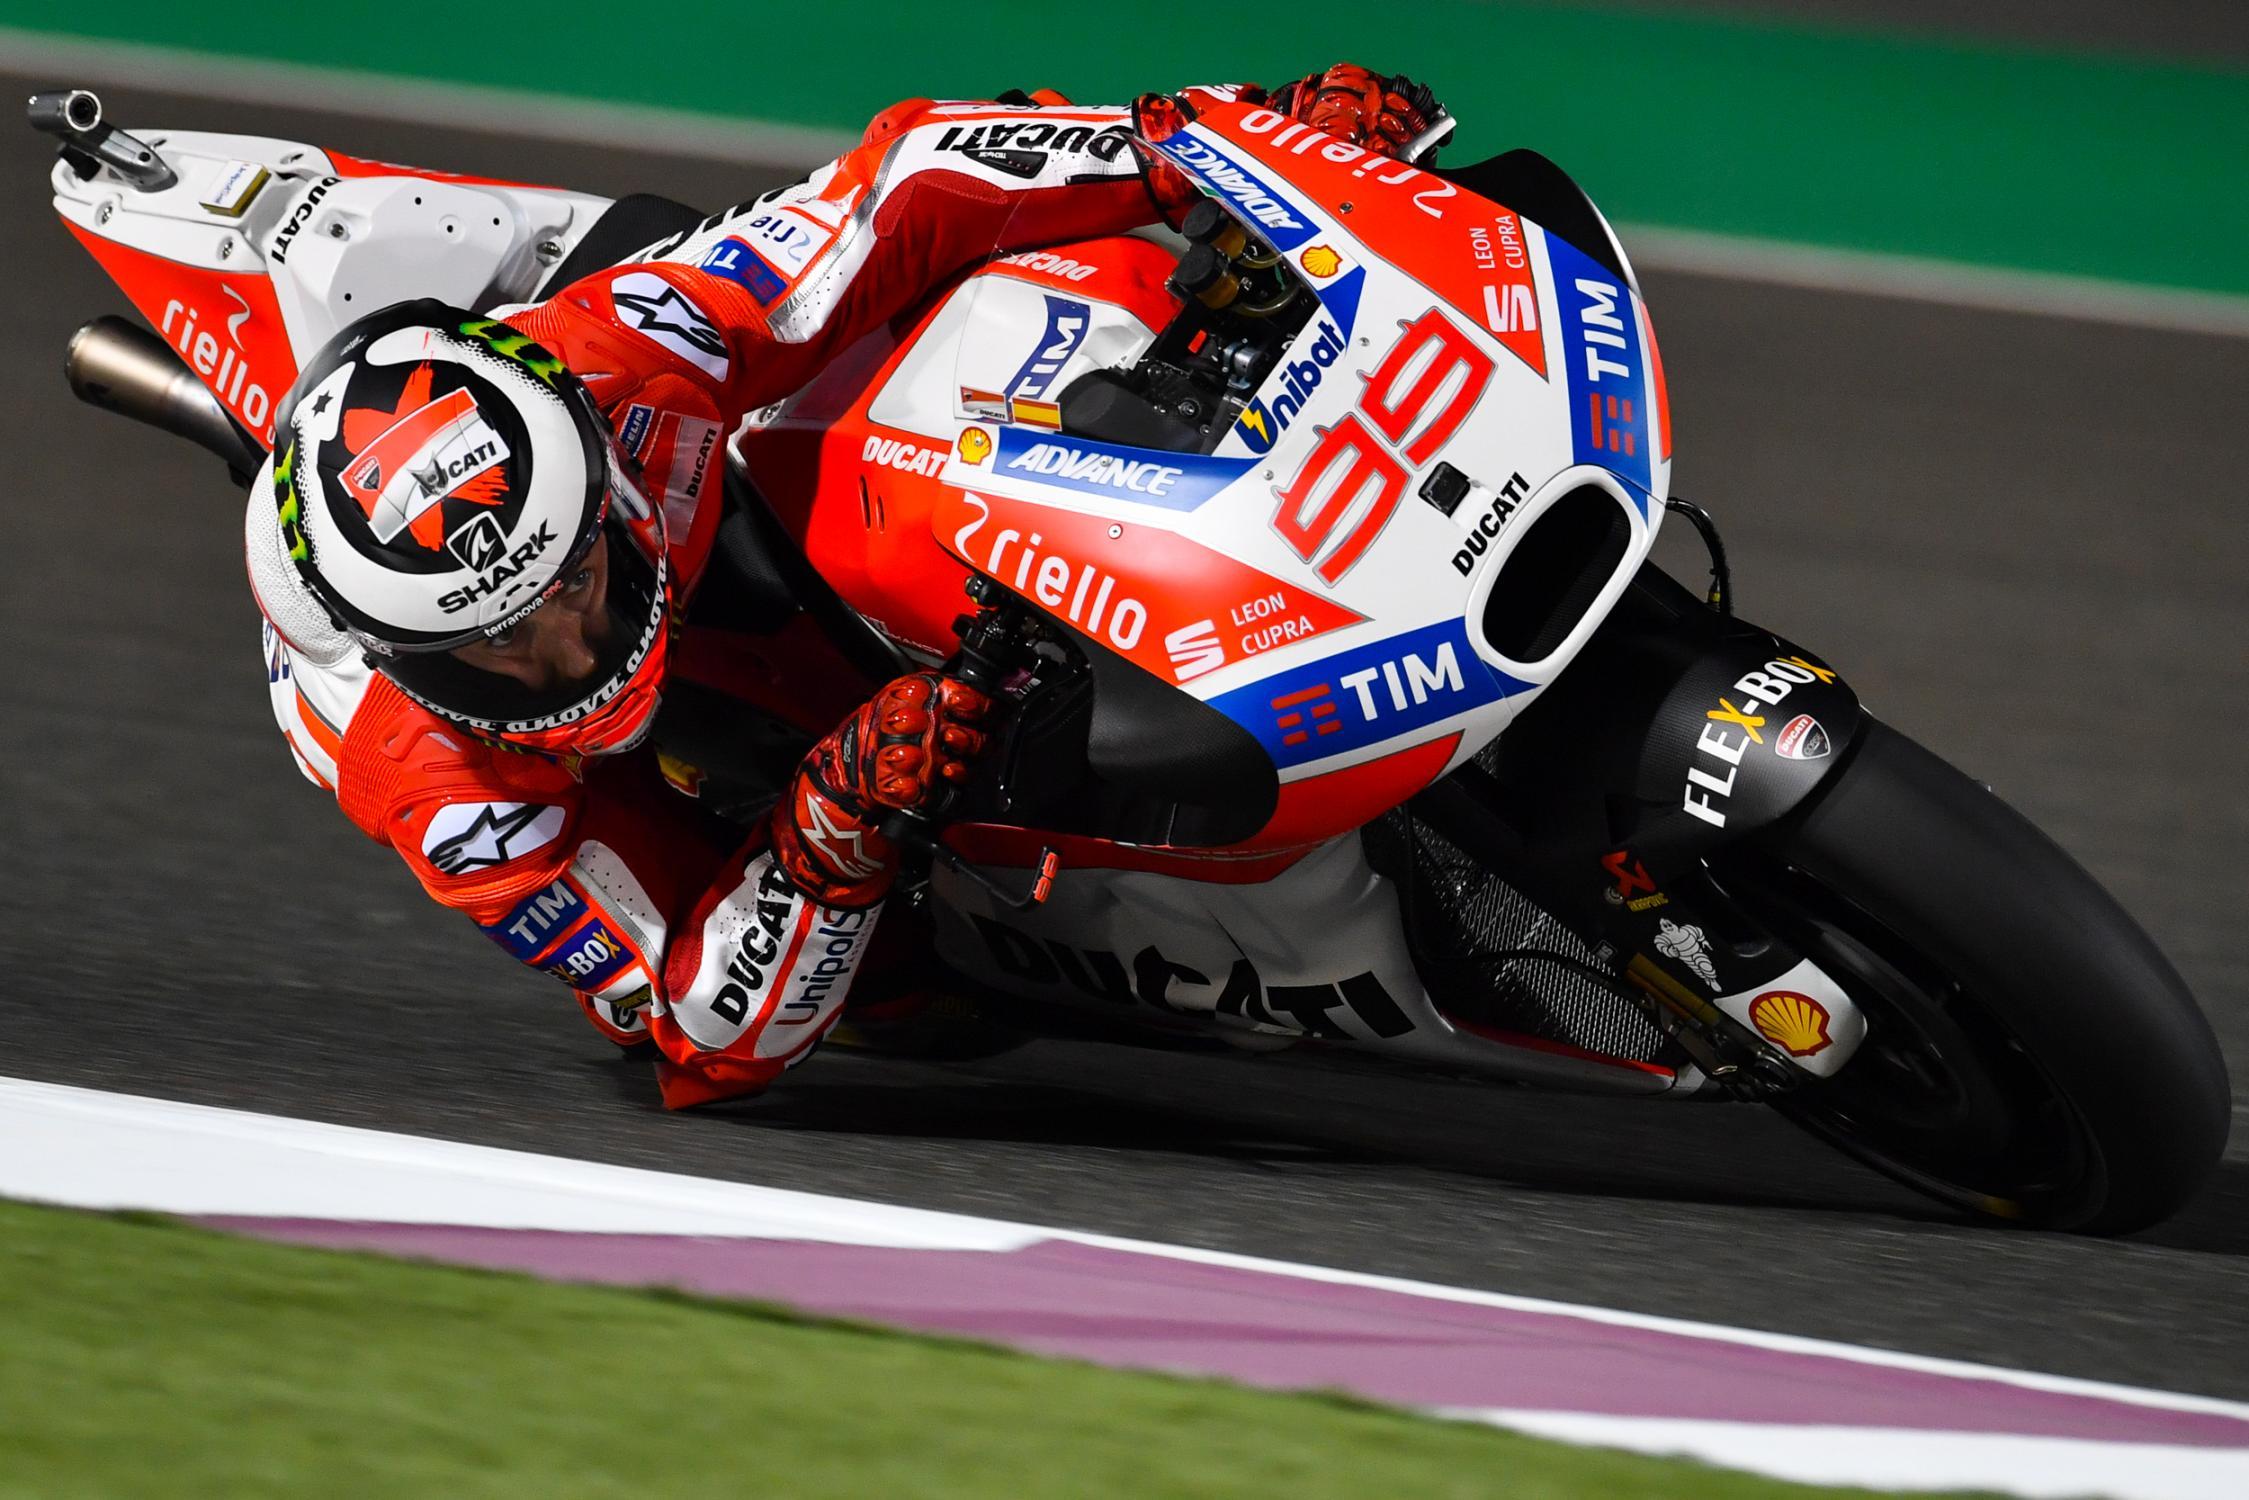 [MotoGP] Losail 99-jorge-lorenzo-esplg5_0623.gallery_full_top_fullscreen